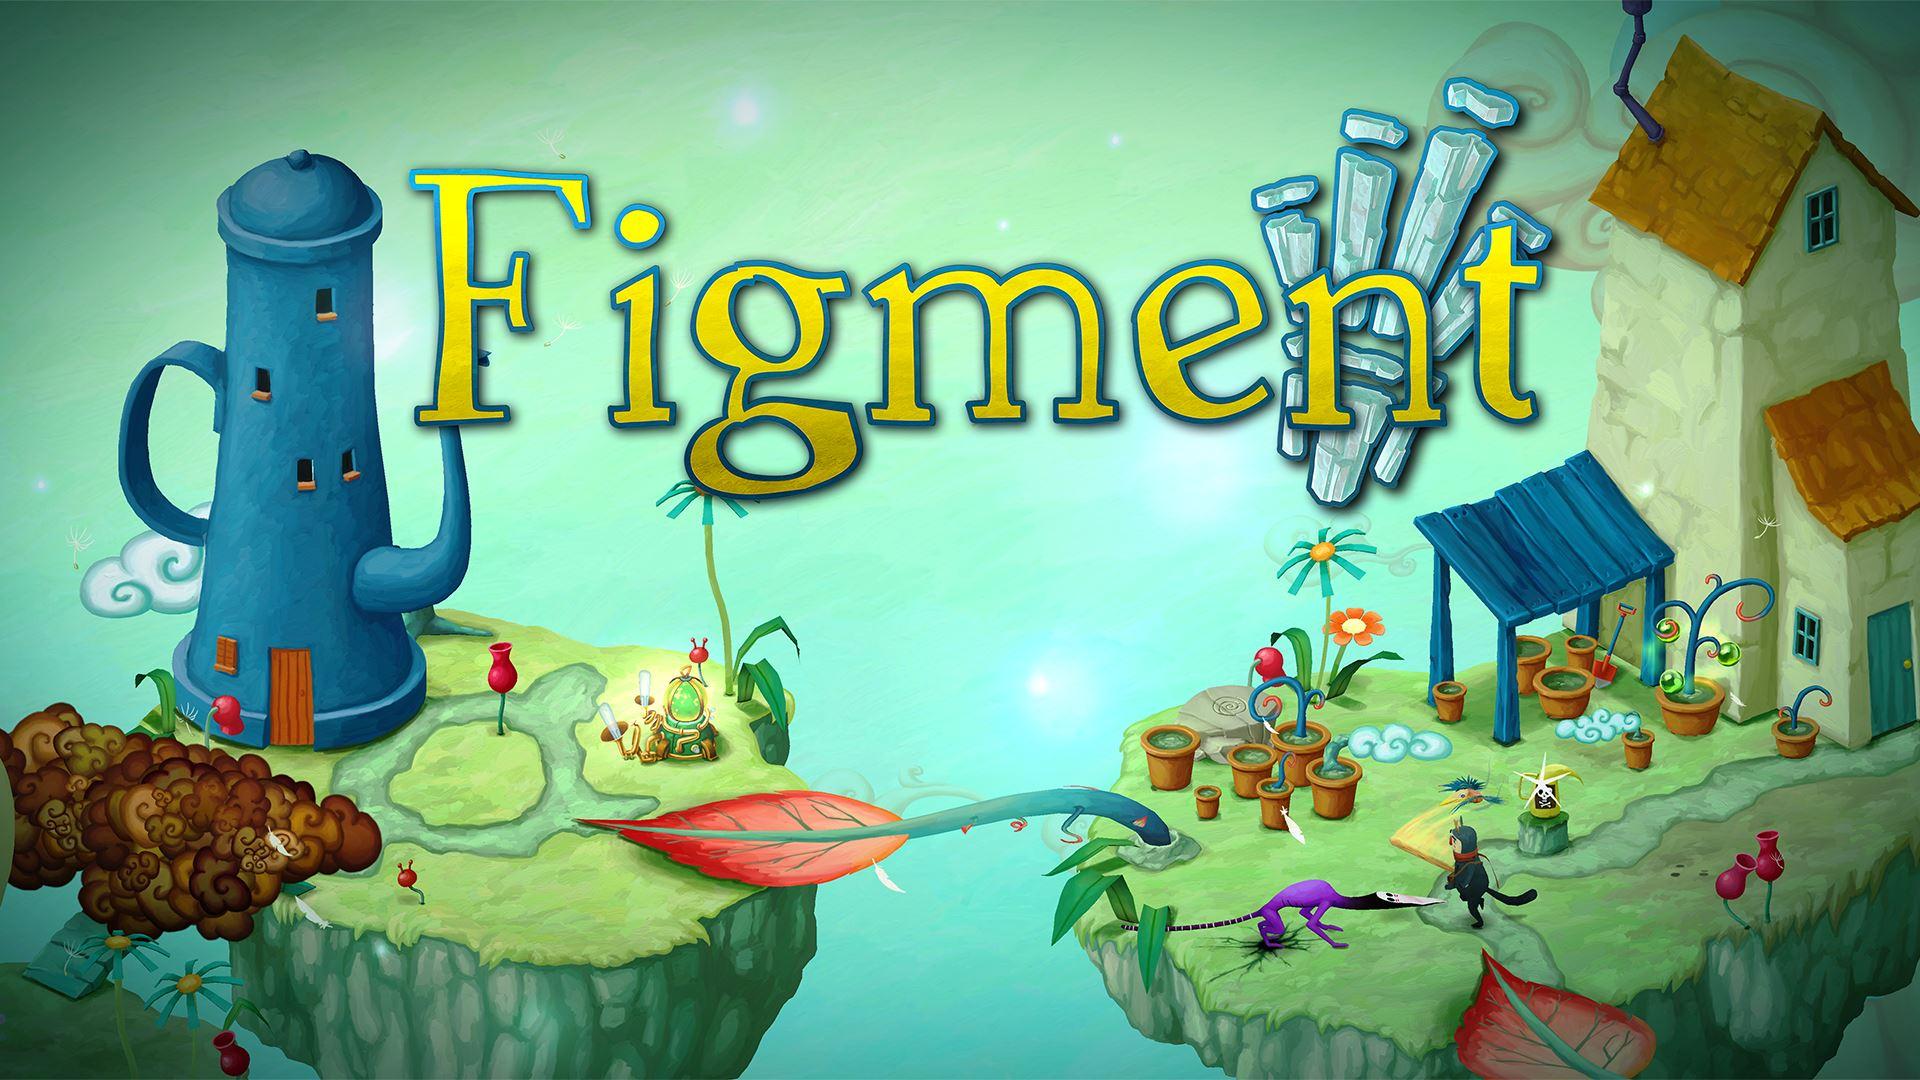 Figment Review - GodisaGeek.com